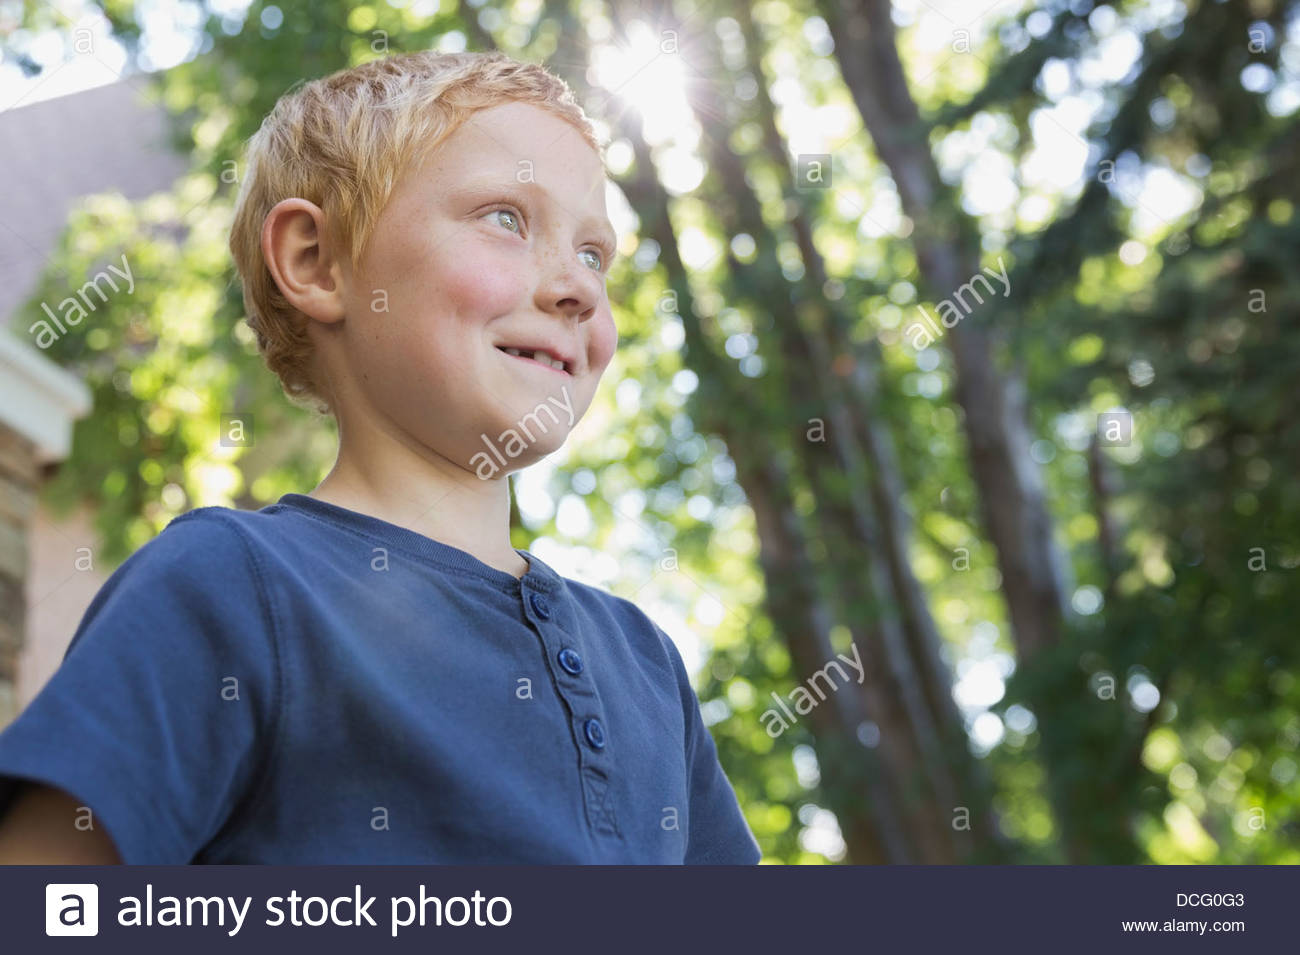 Porträt des kleinen Jungen im freien Stockbild